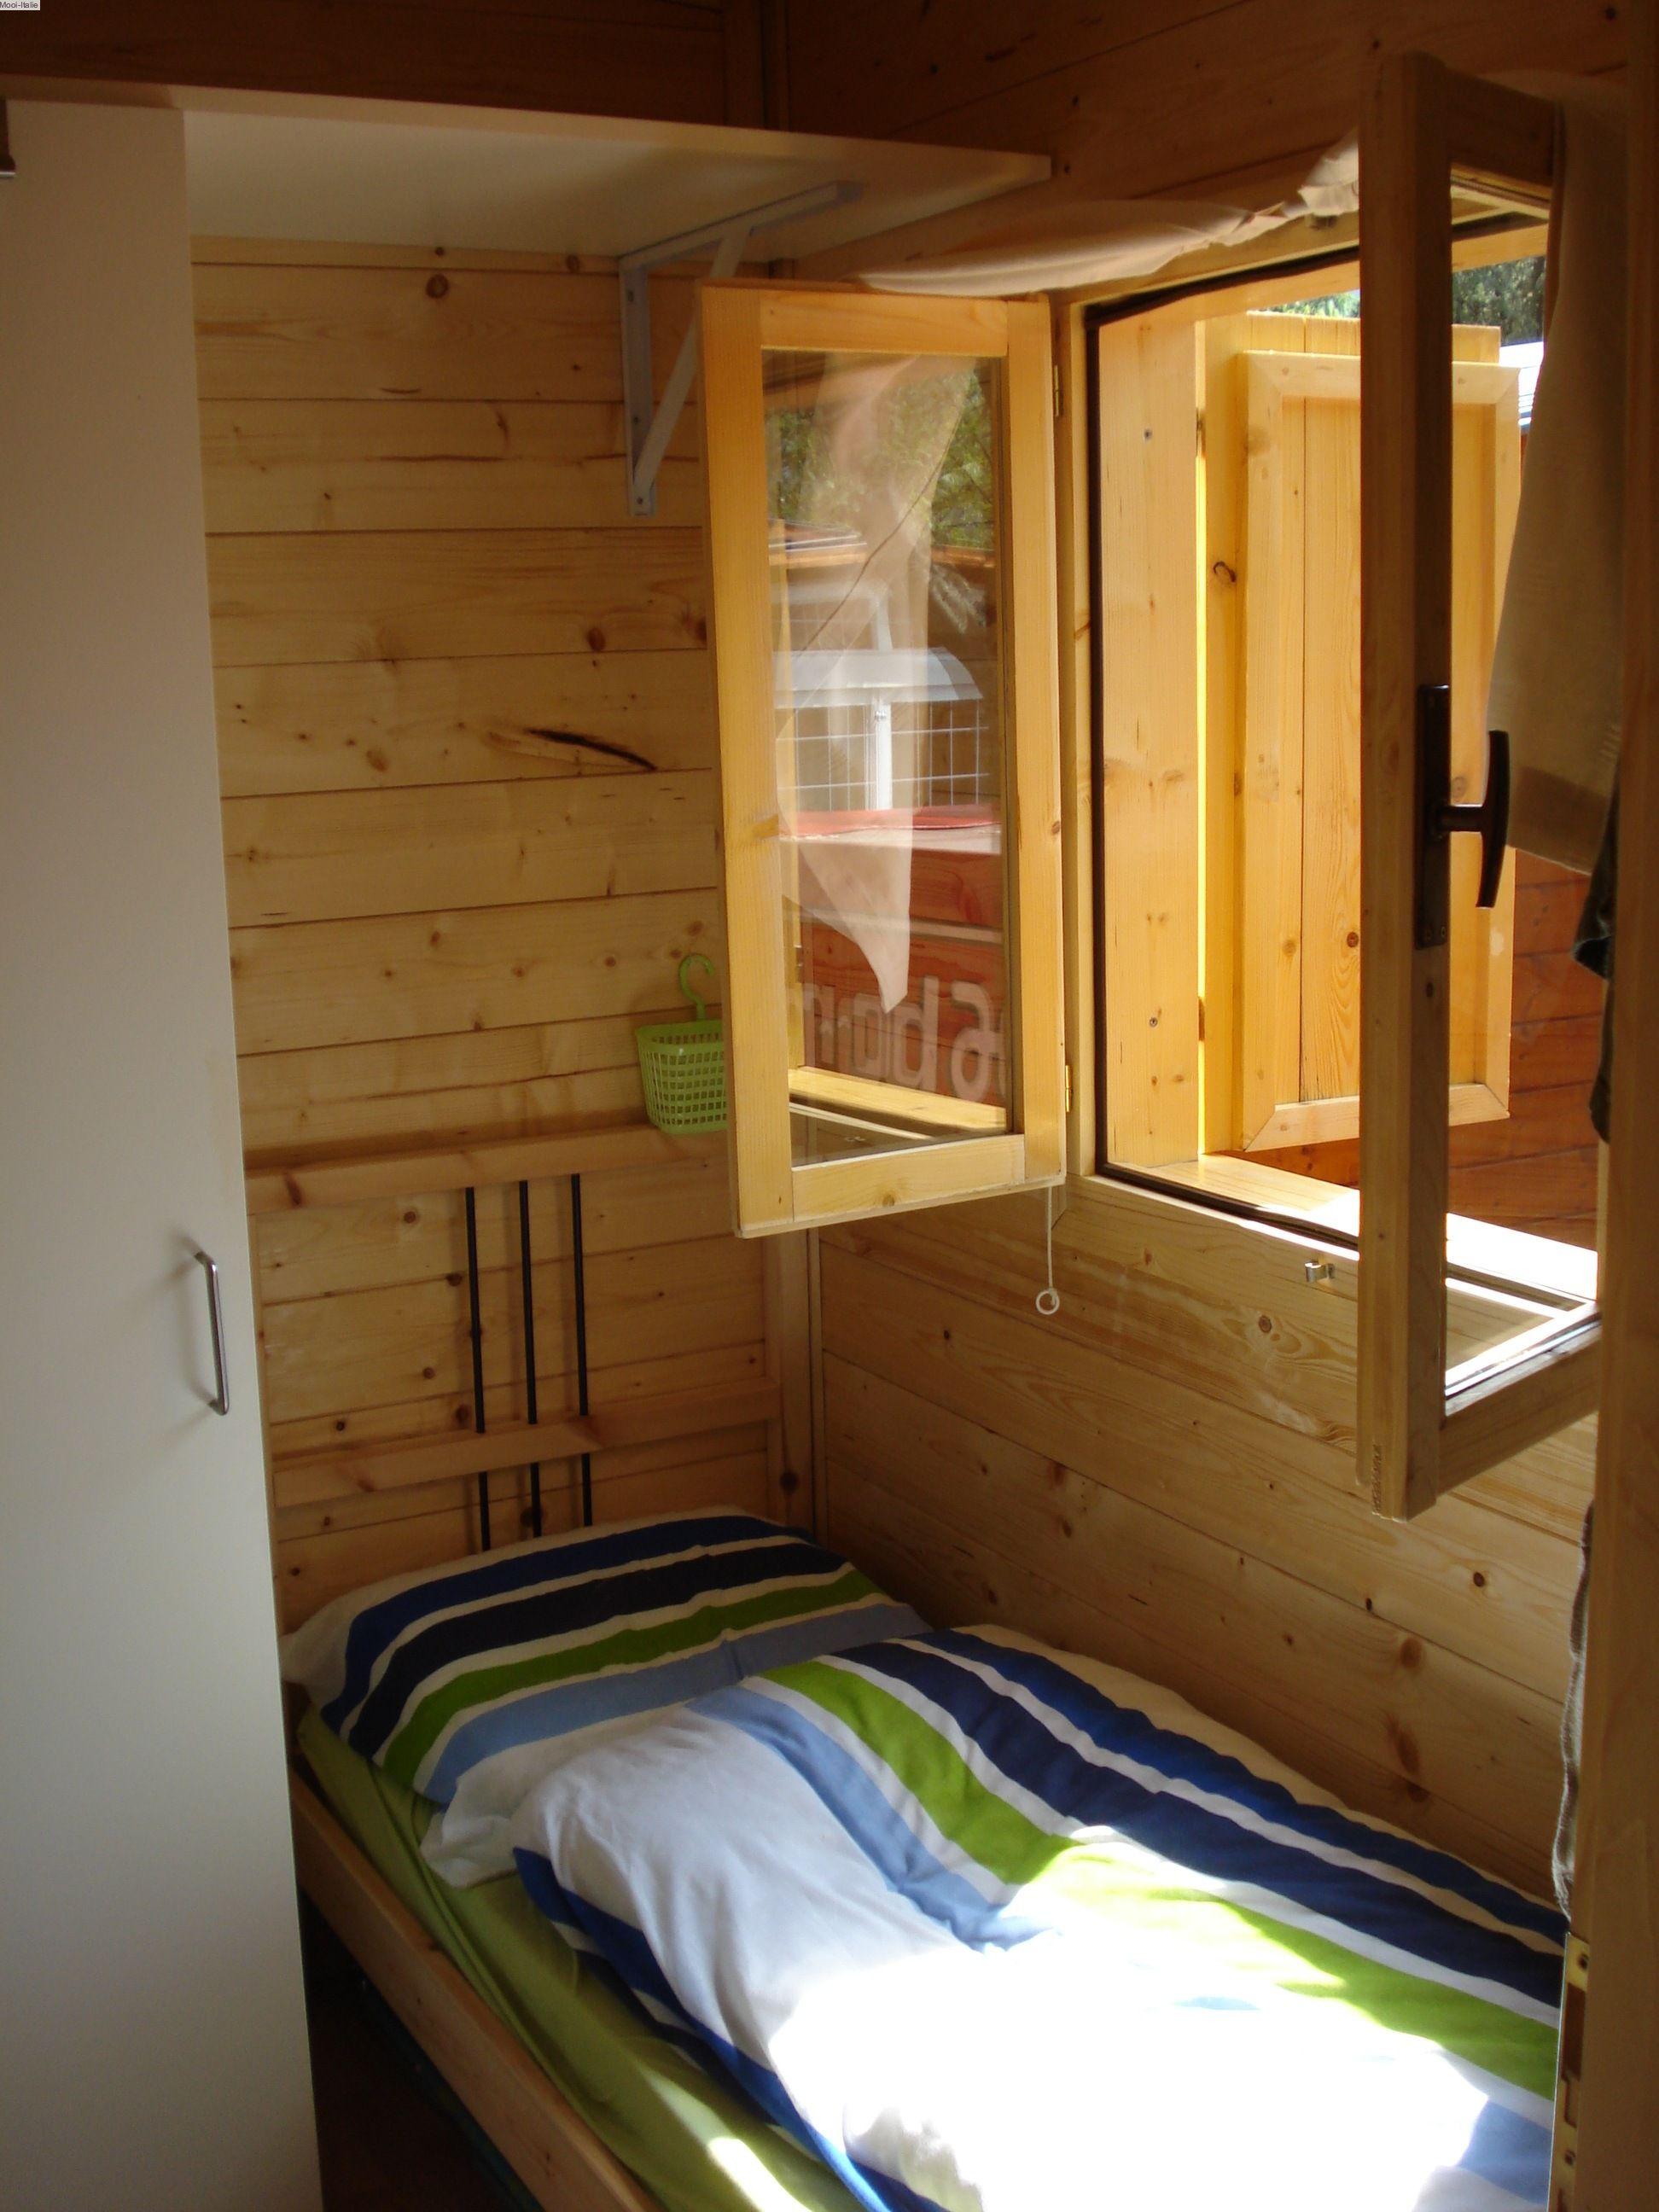 Torino 16 - slaapkamer 2